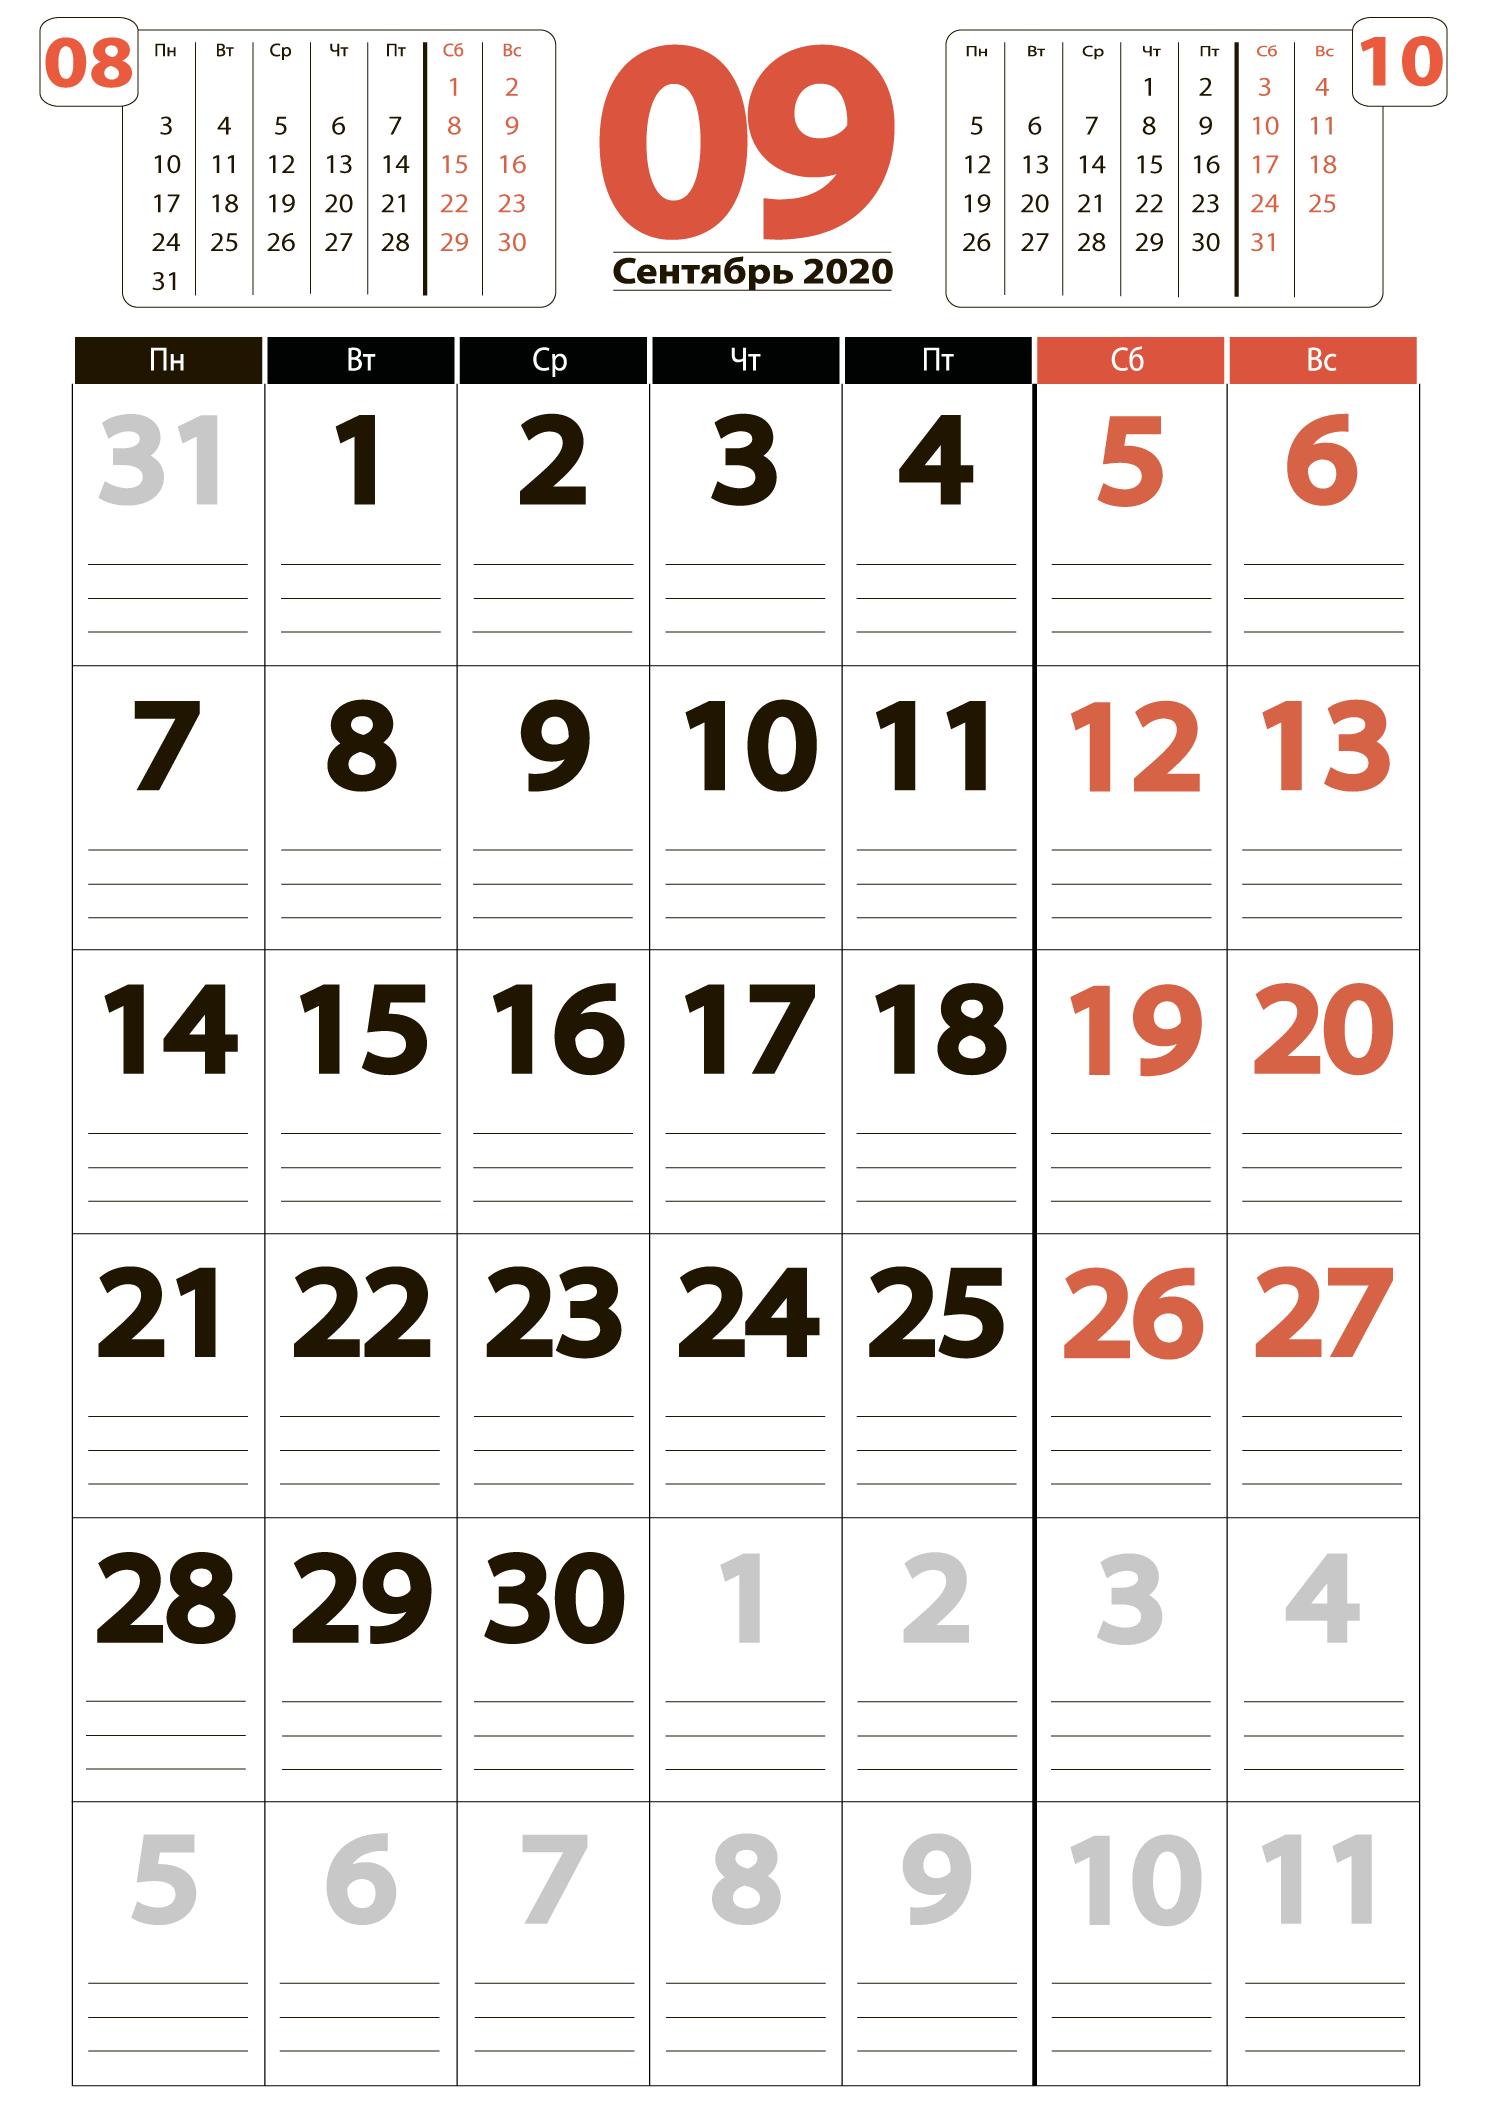 Печать крупного календаря на сентябрь 2020